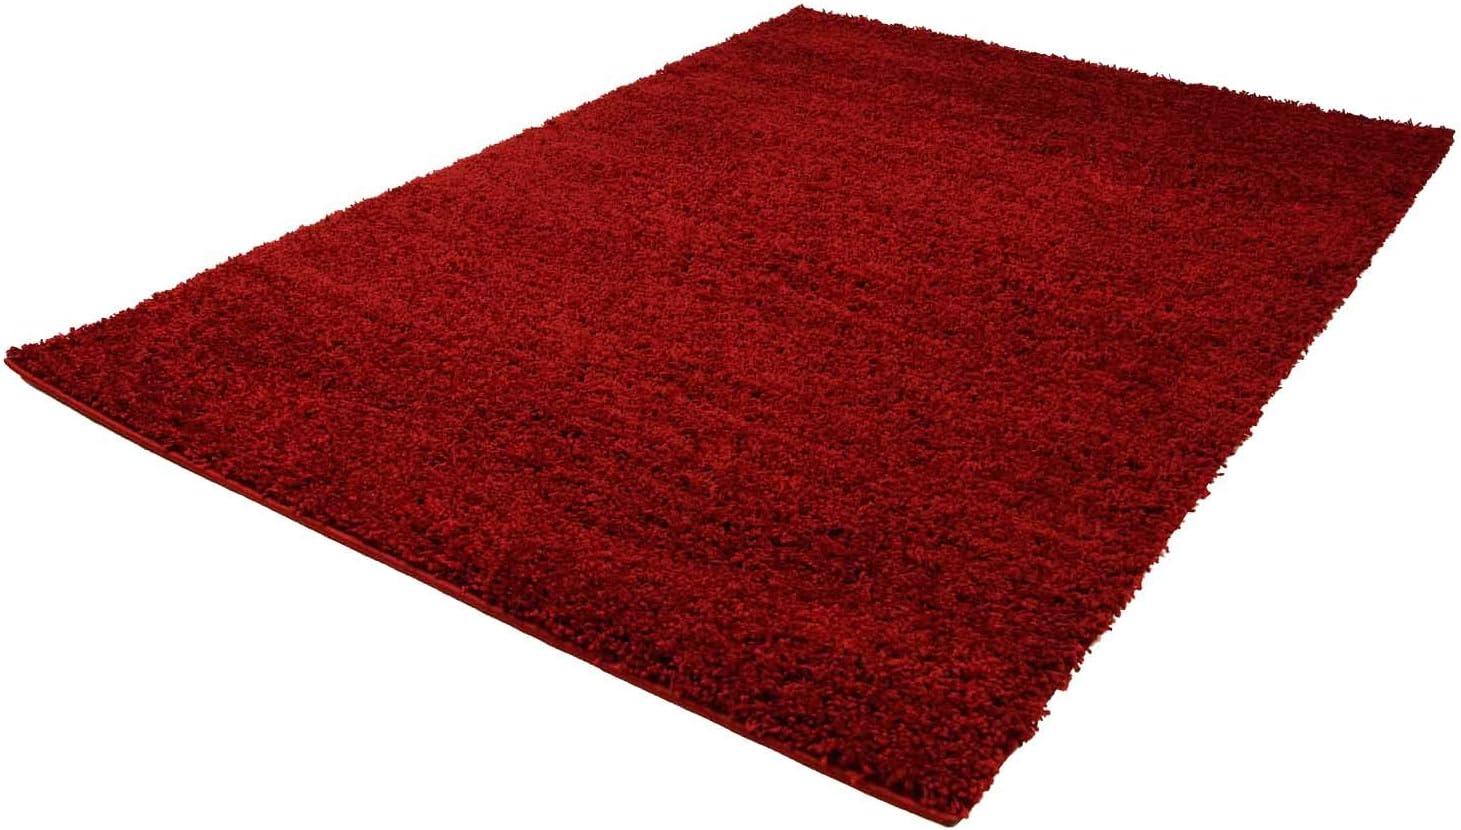 200 cm x 200 cm 200 x 200 cm Quadratisch Gr/ö/ße Carpet city ayshaggy Shaggy Teppich Hochflor Langflor Einfarbig Uni Creme Weich Flauschig Wohnzimmer